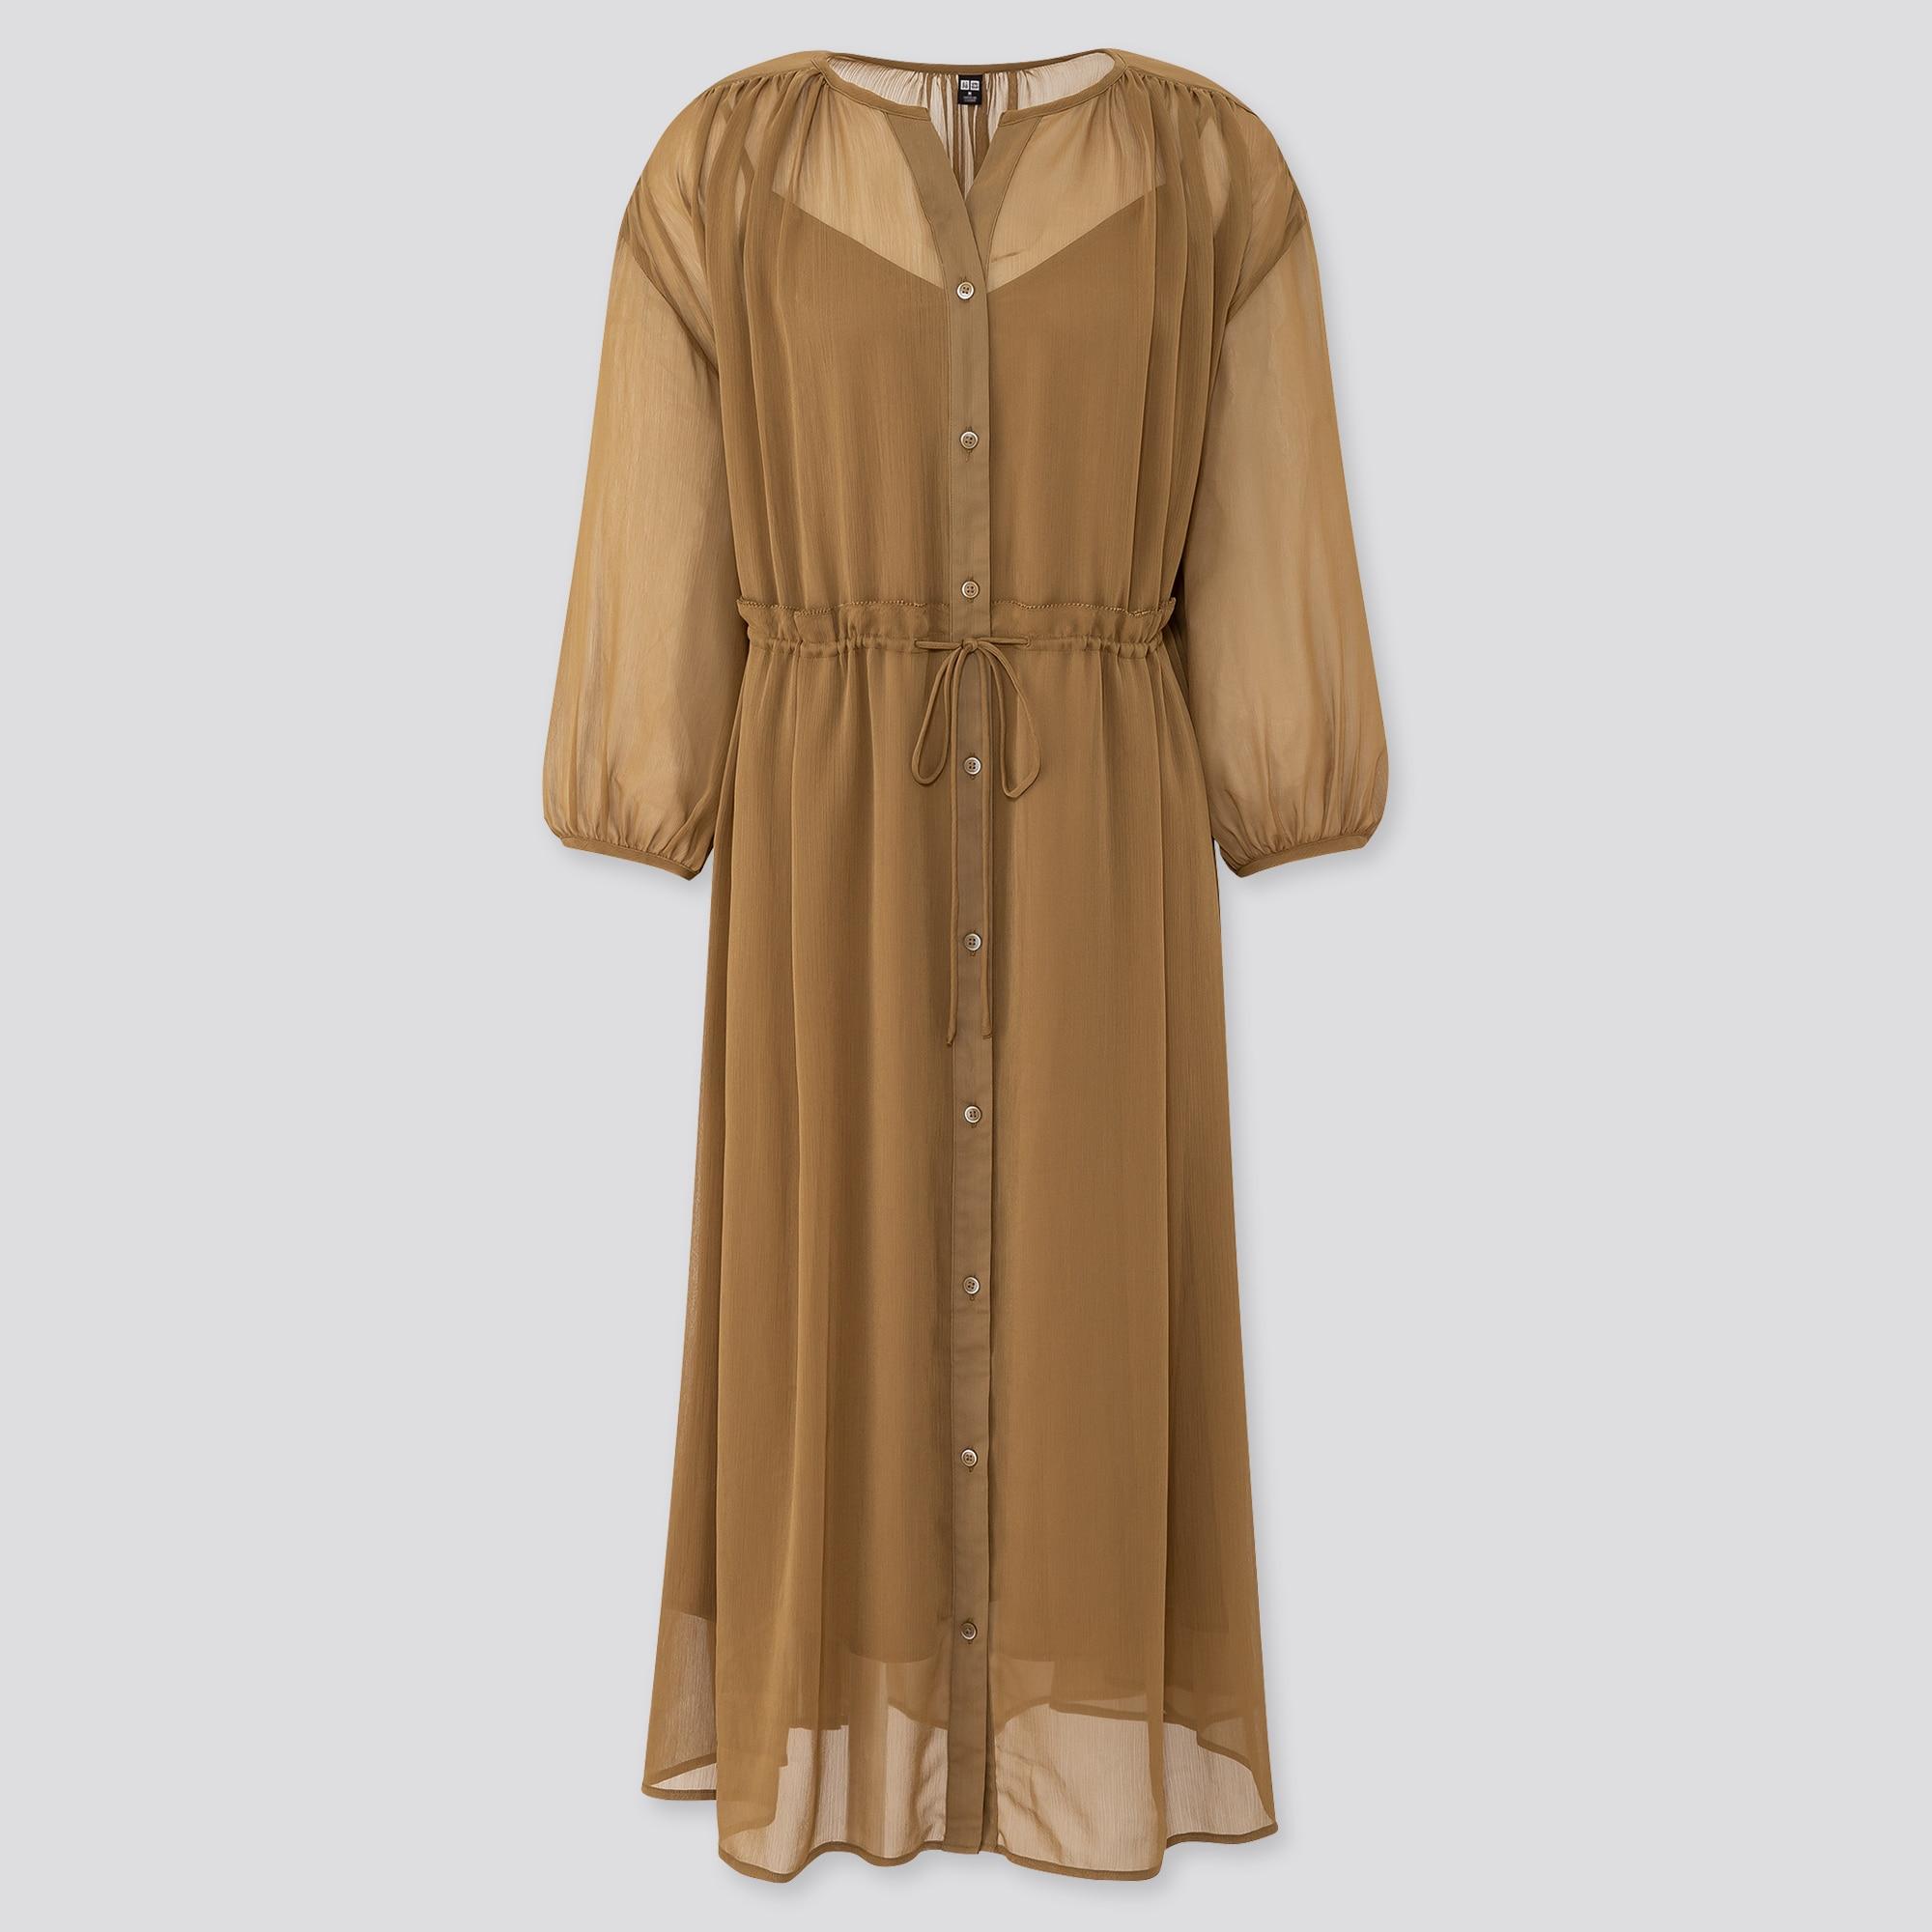 Women Chiffon 3/4 Sleeved Dress